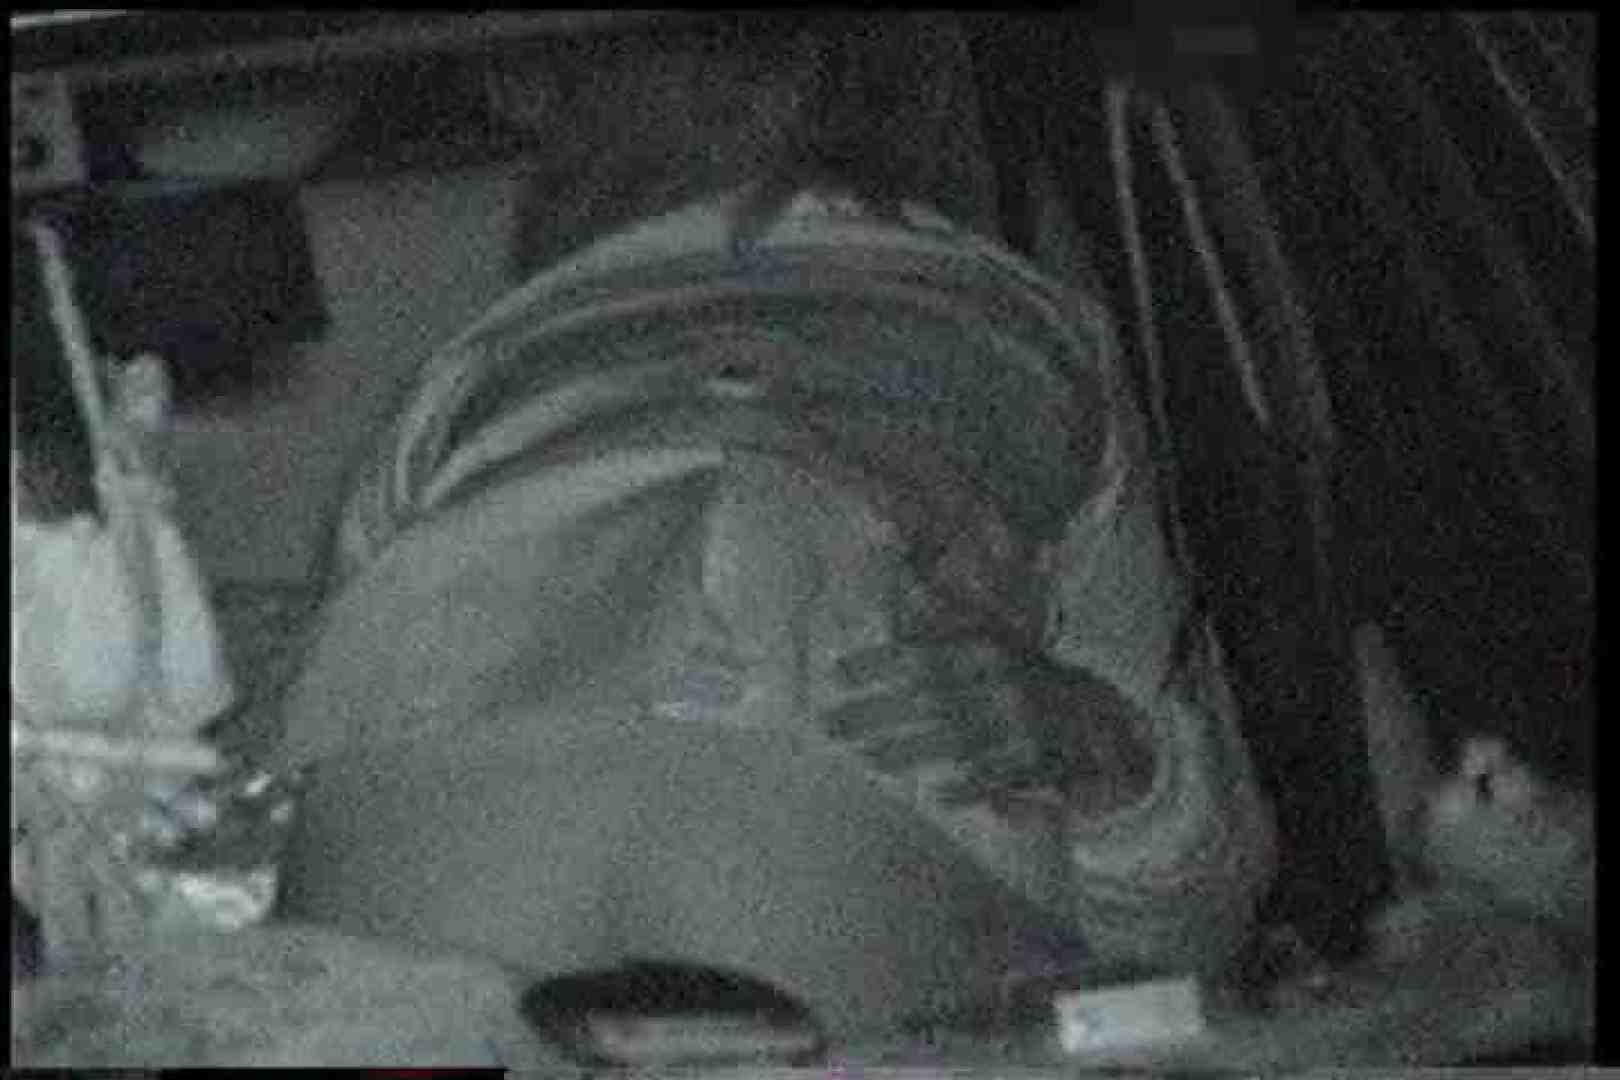 充血監督の深夜の運動会Vol.164 OLエロ画像 覗き性交動画流出 21PICs 5